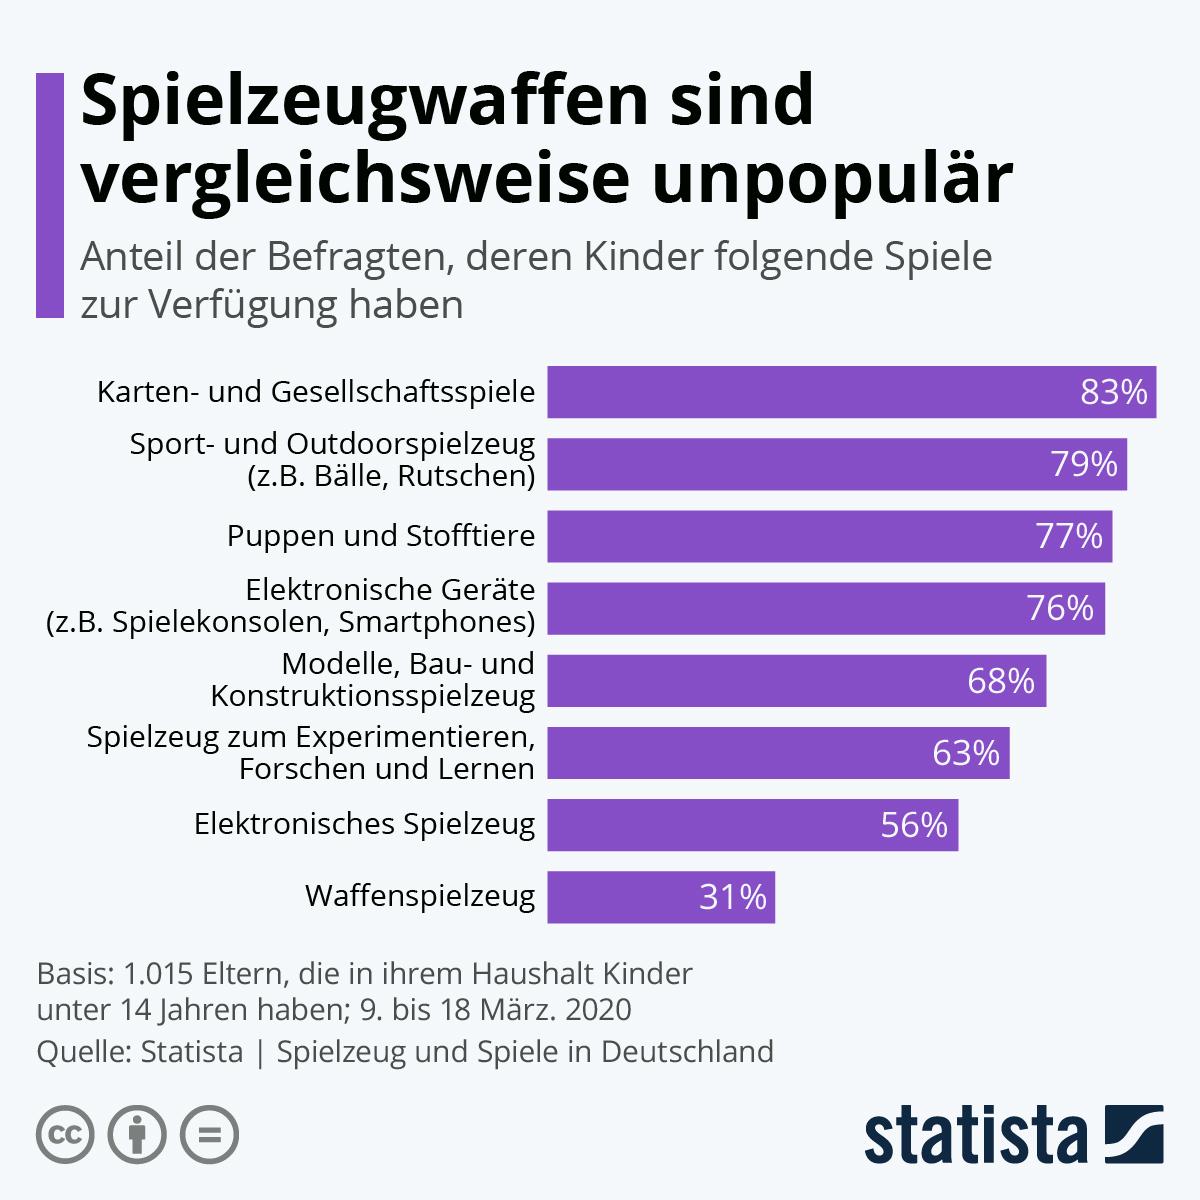 Infografik: Spielzeugwaffen sind vergleichsweise unpopulär   Statista